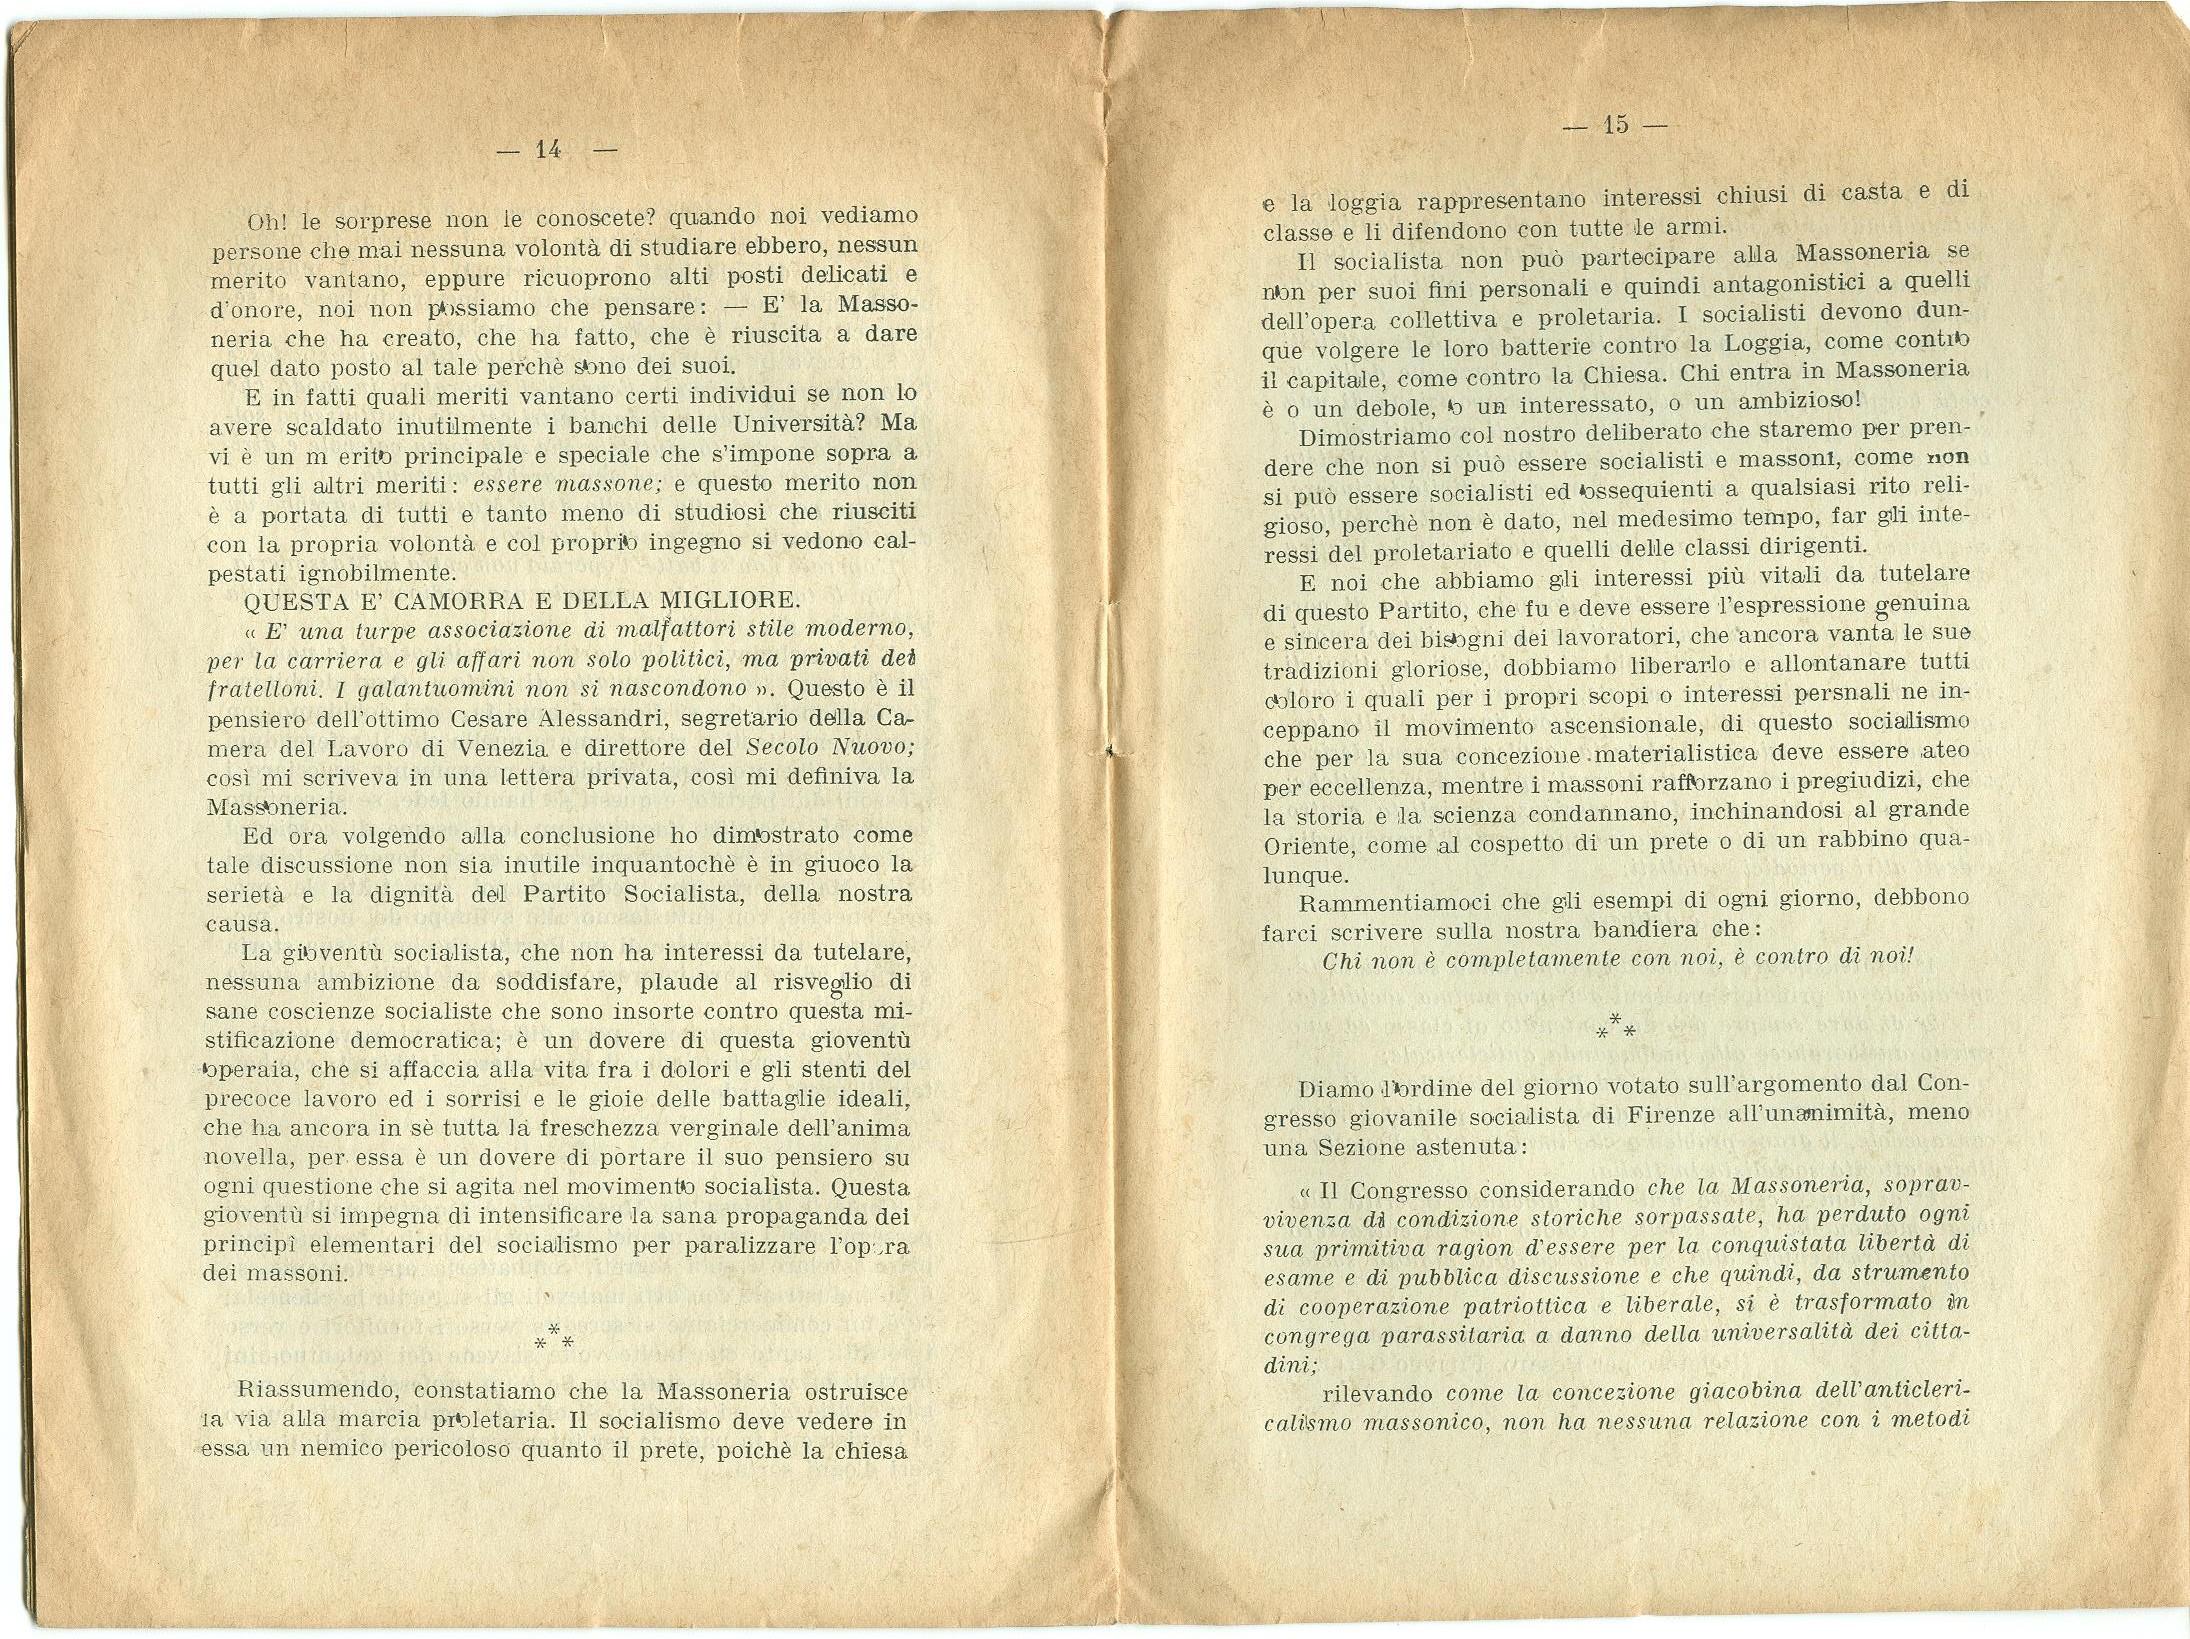 Guido Feroci, Socialismo e Massoneria (1910) - pag. 9